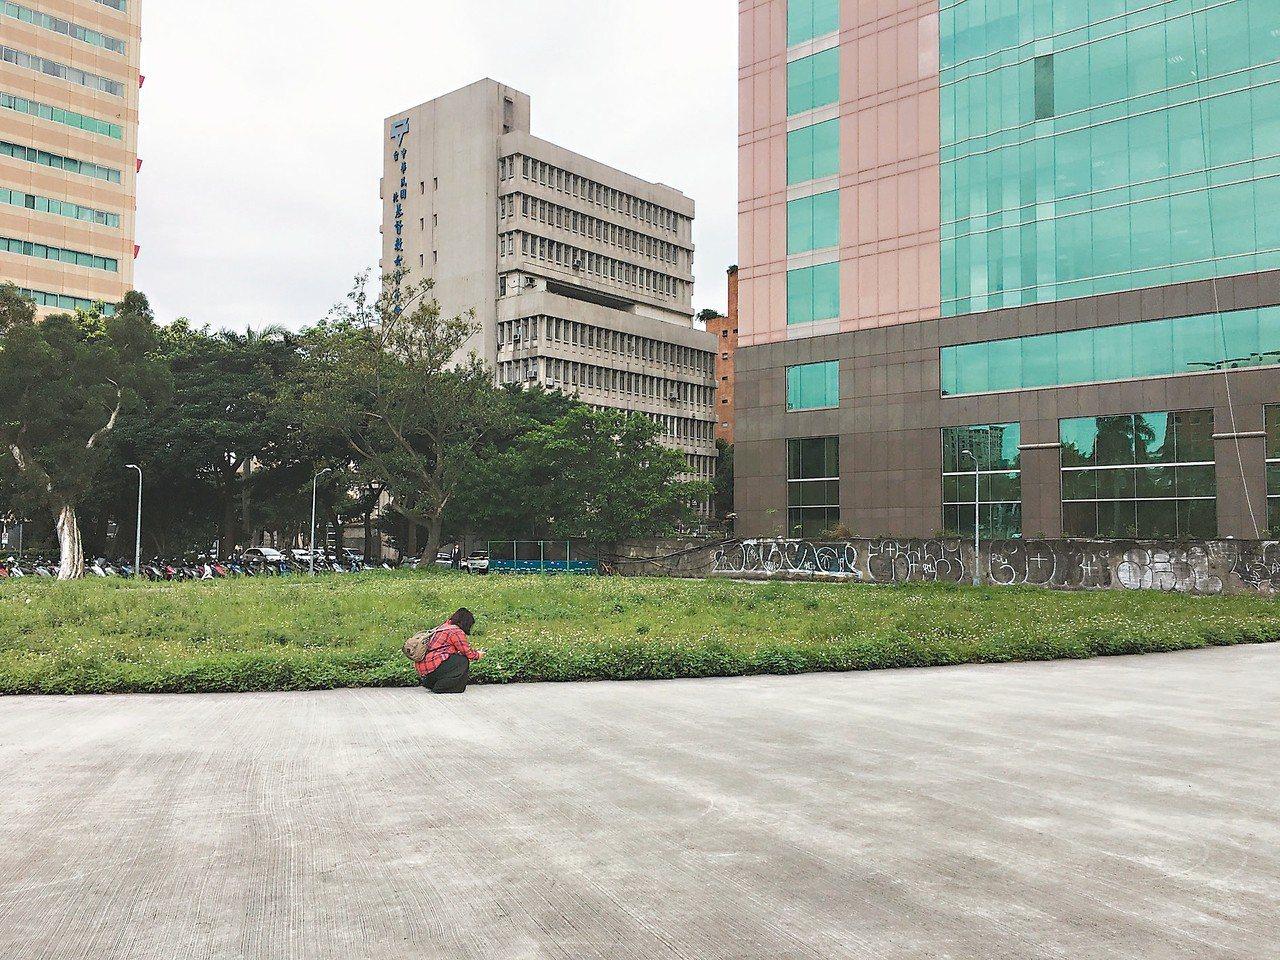 台北市議會舊址開發案歷經5次流標,於2017年順利脫標,疑卡在台北城博物館喬不攏...